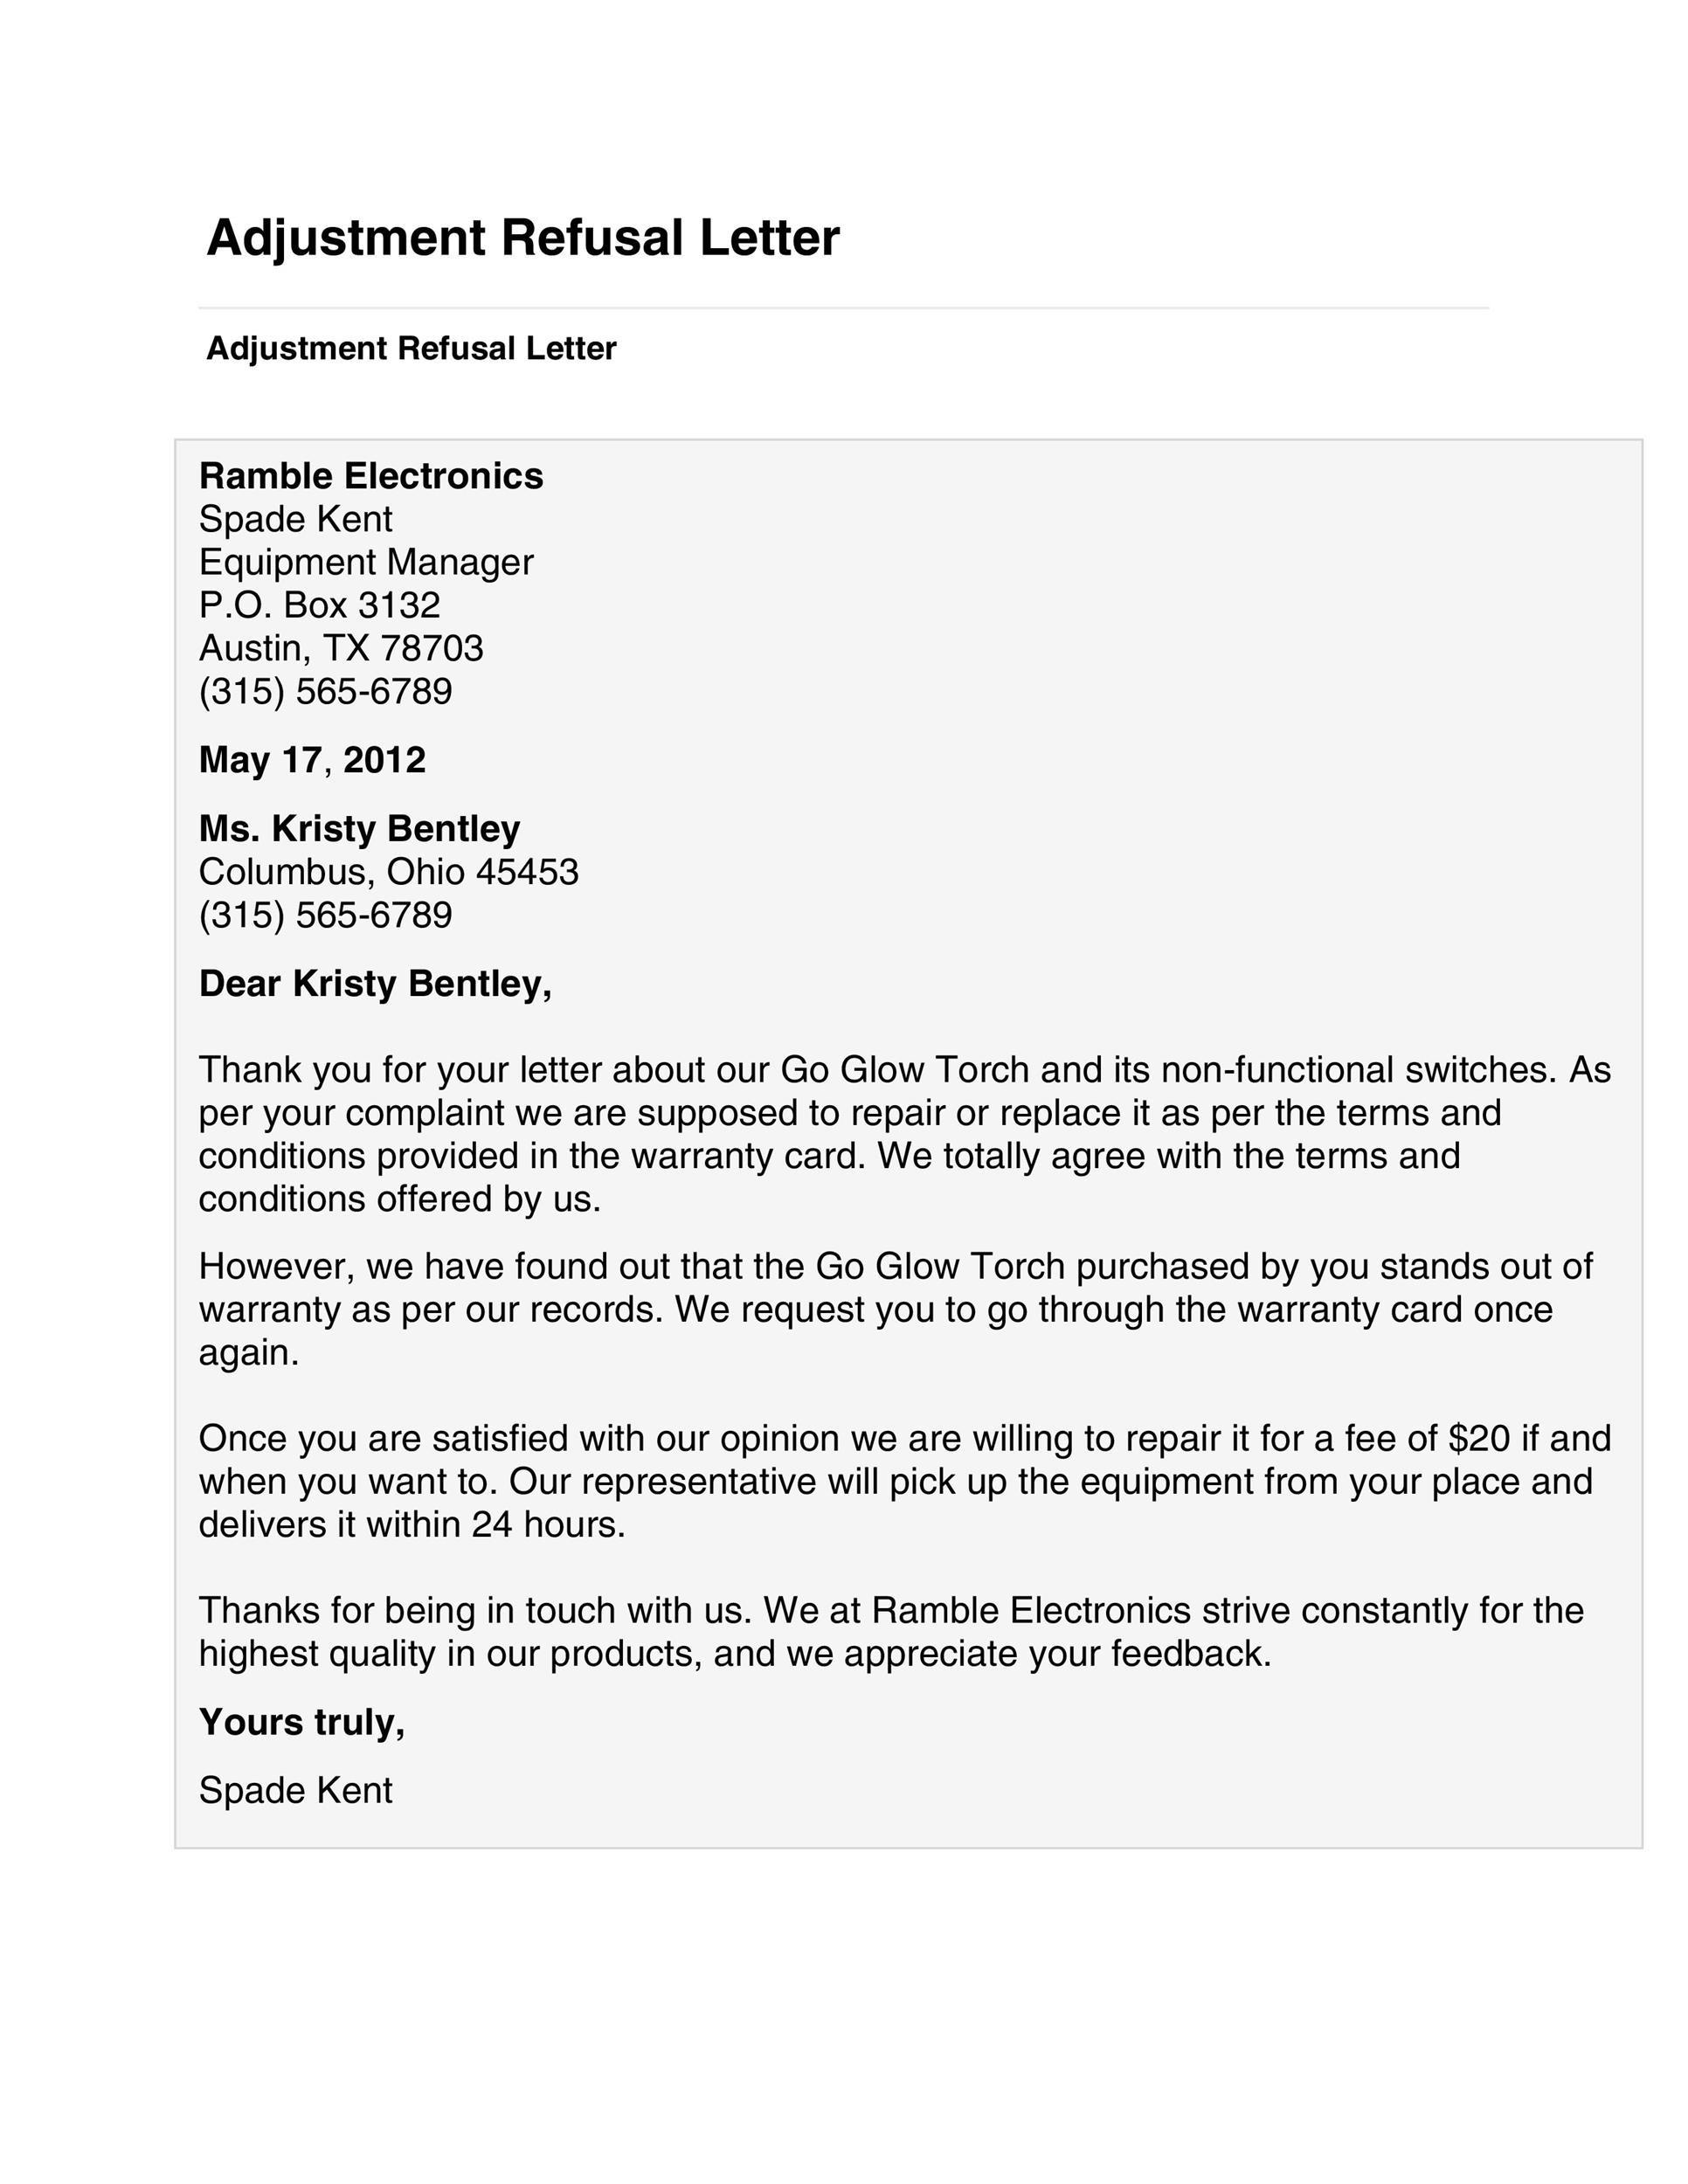 Free adjustment letter 40